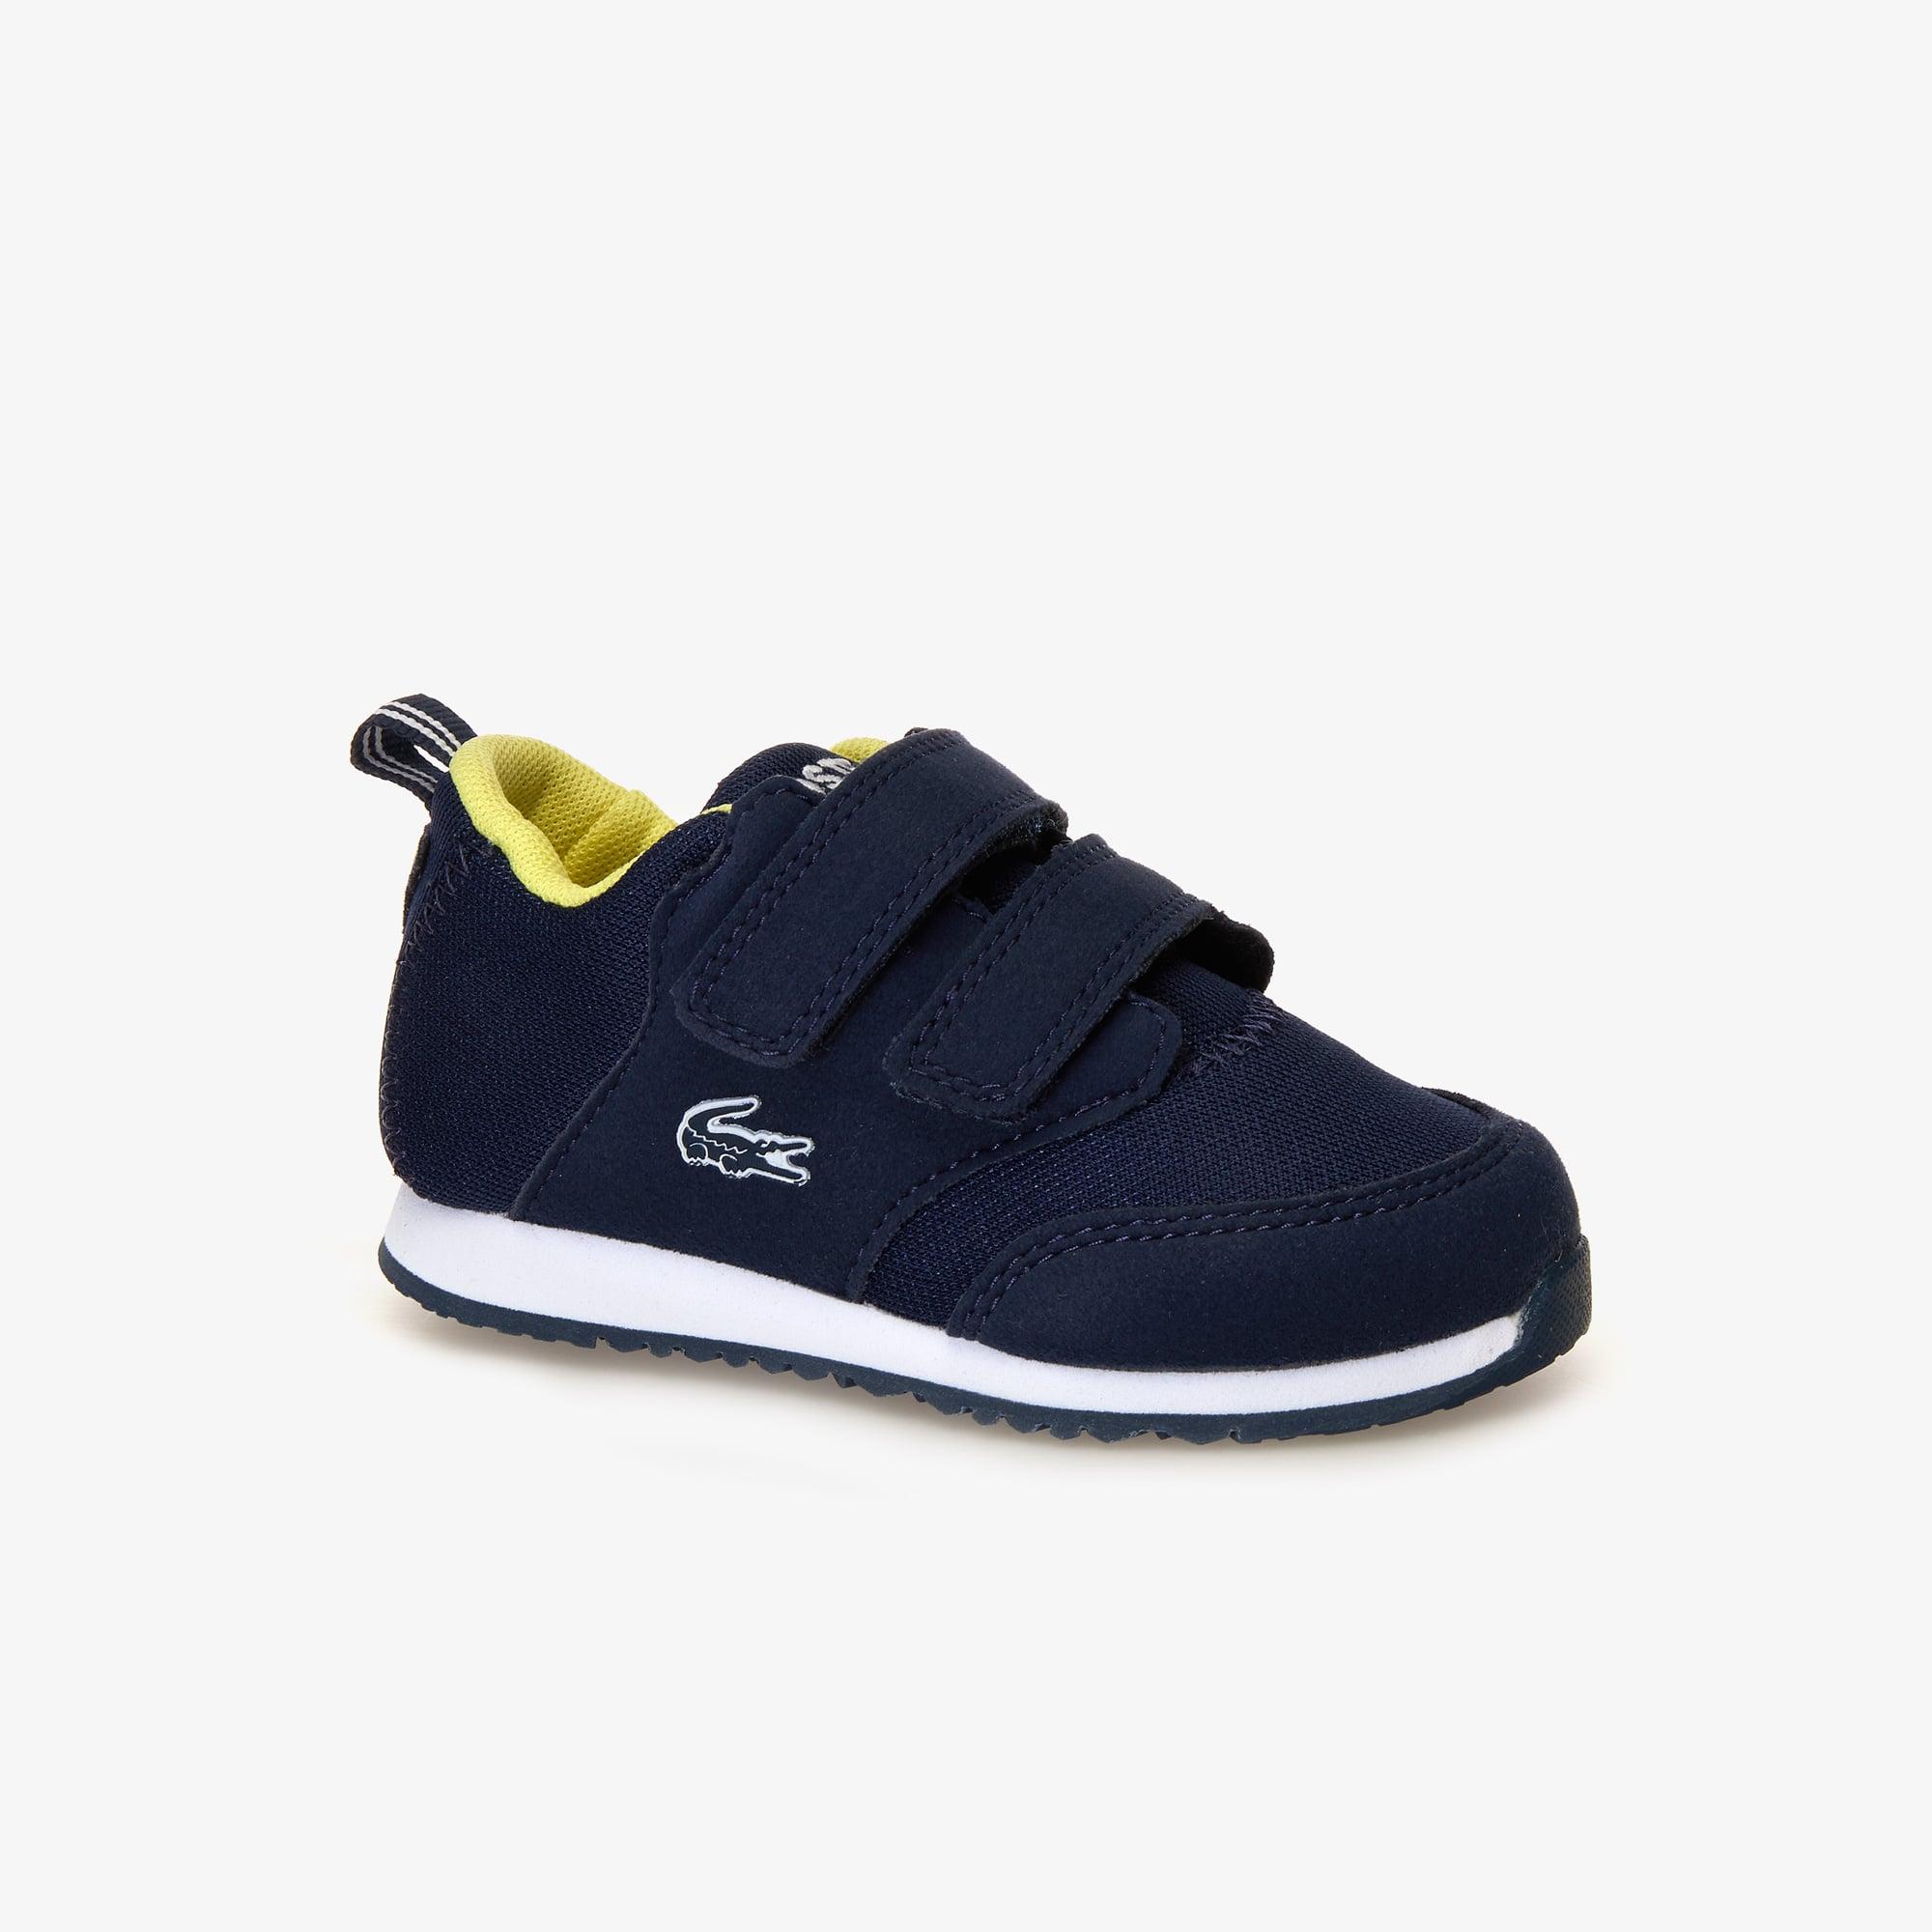 18c298c8c9 Sneakers L.ight bébé en textile et synthétique